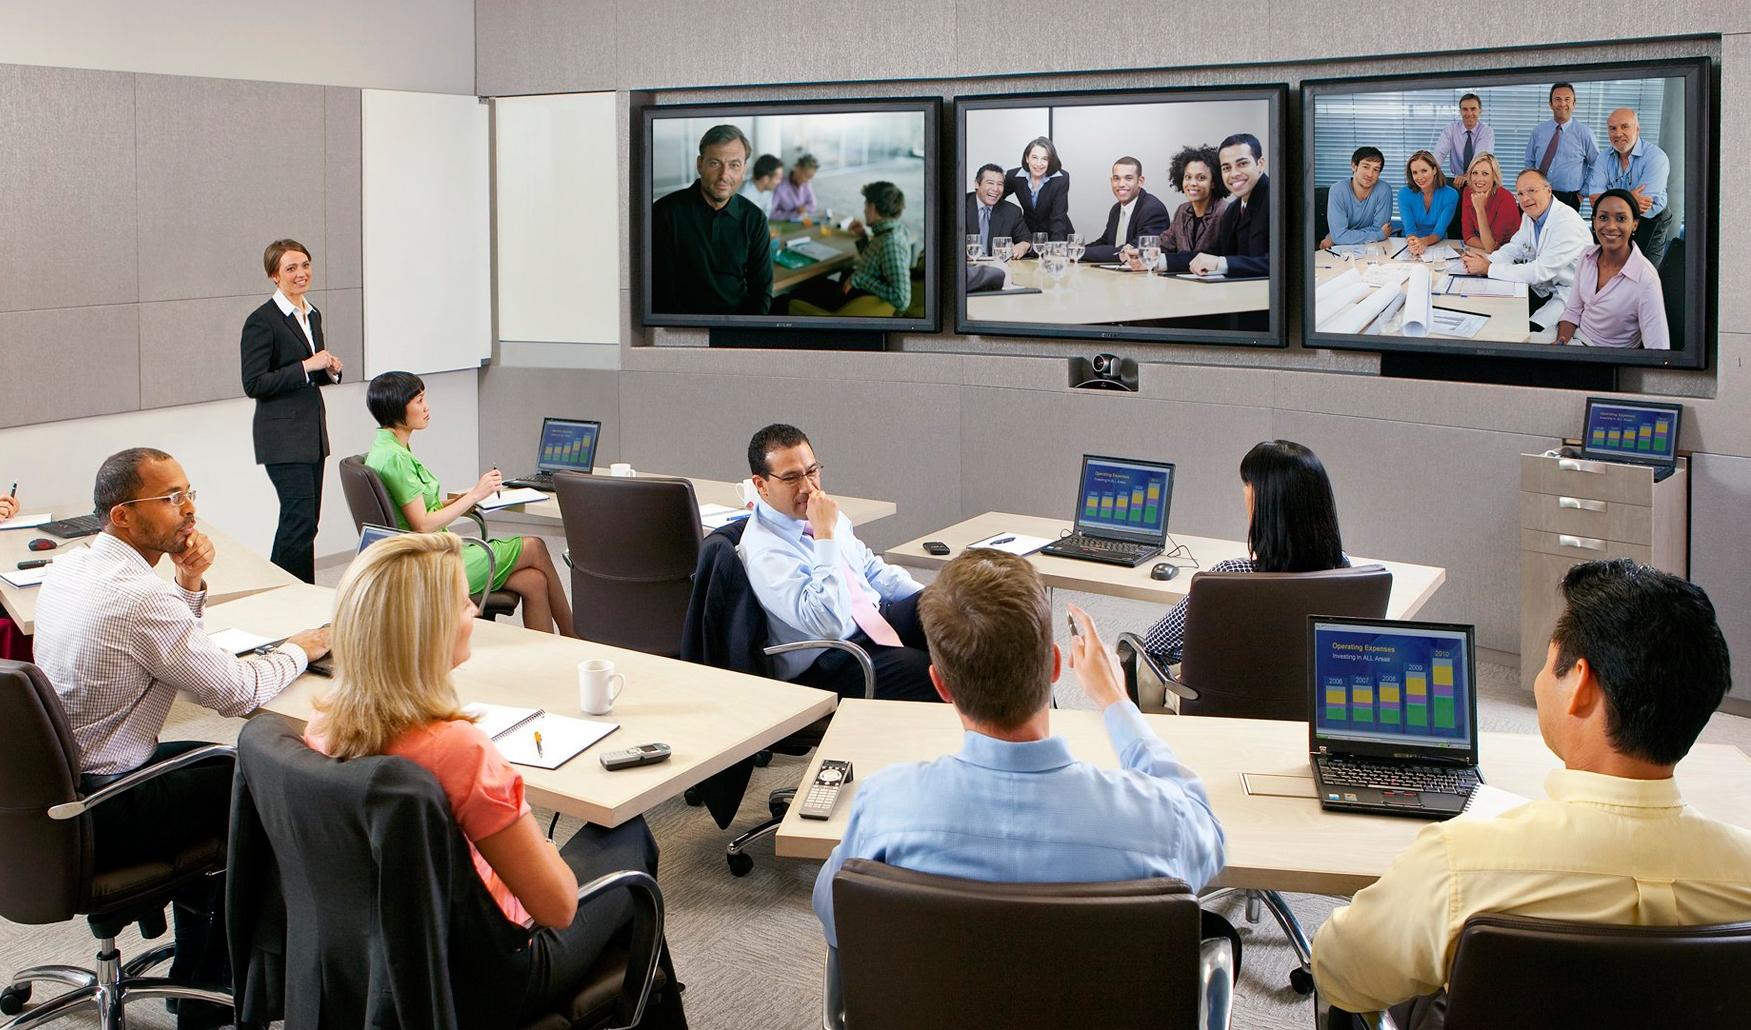 teknologi untuk produktvitas karyawan